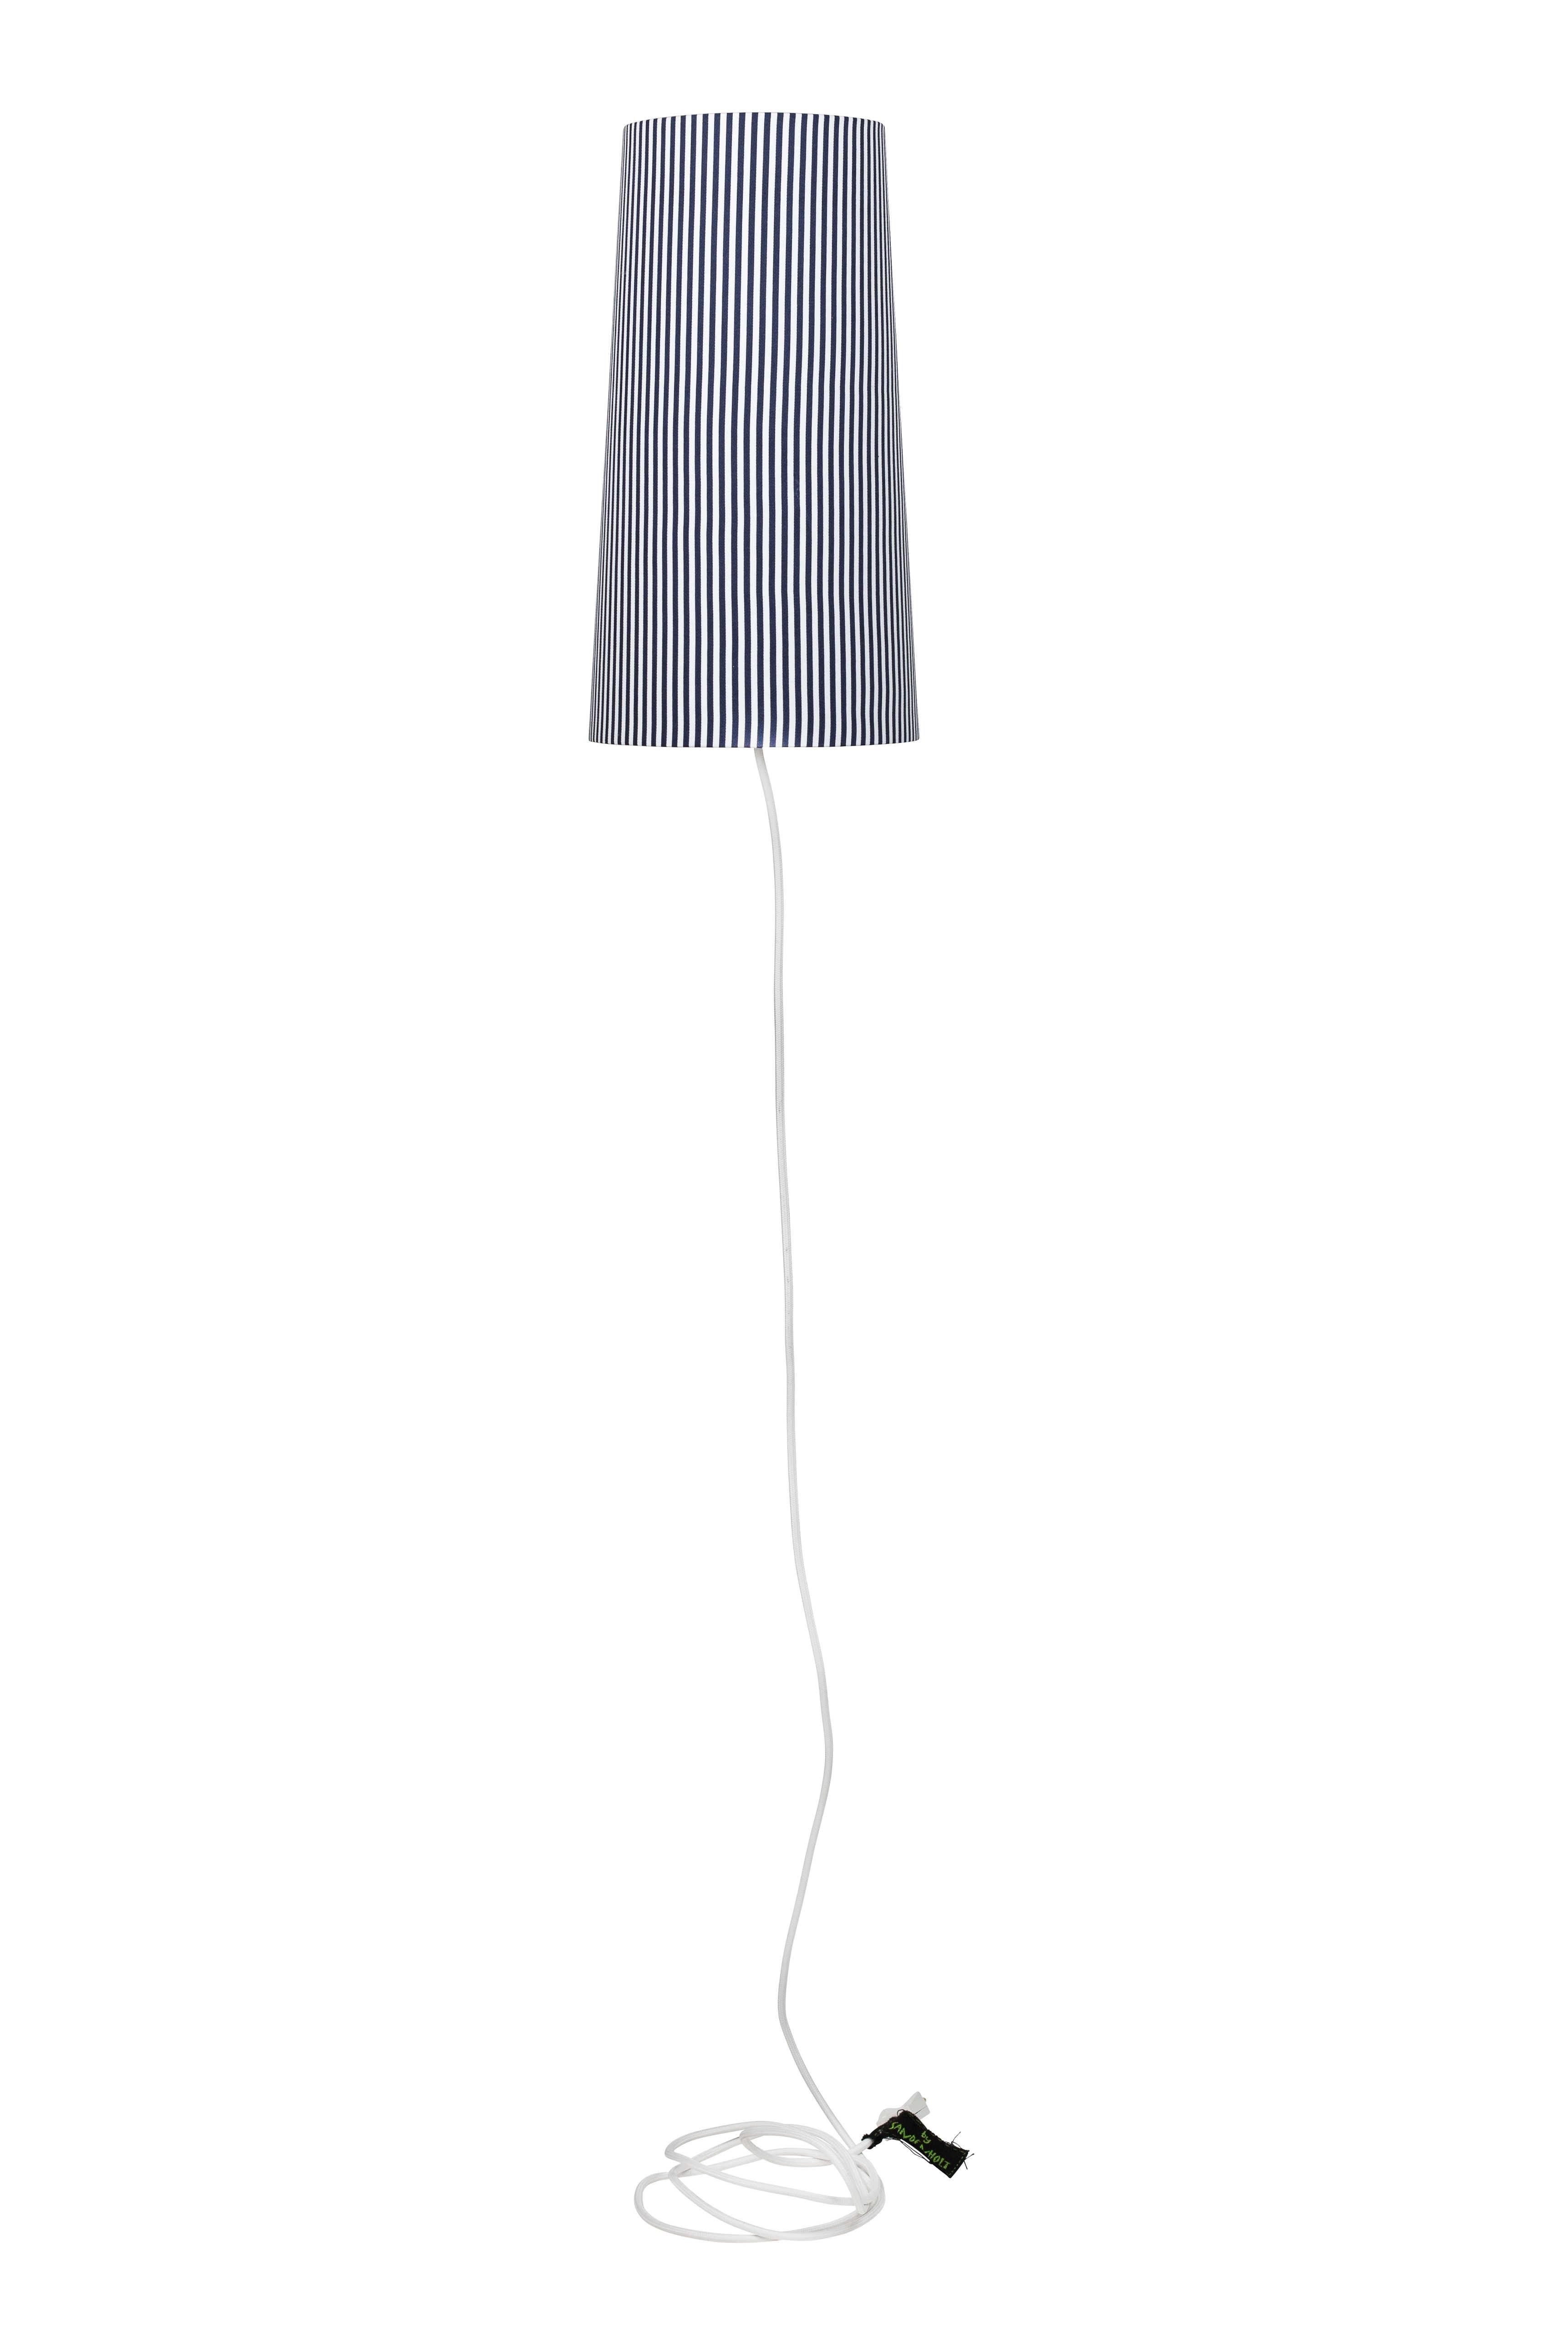 så den med de tre meter stofledning forvandles til en gulvlampe. Designet af Adam Sandenholt.